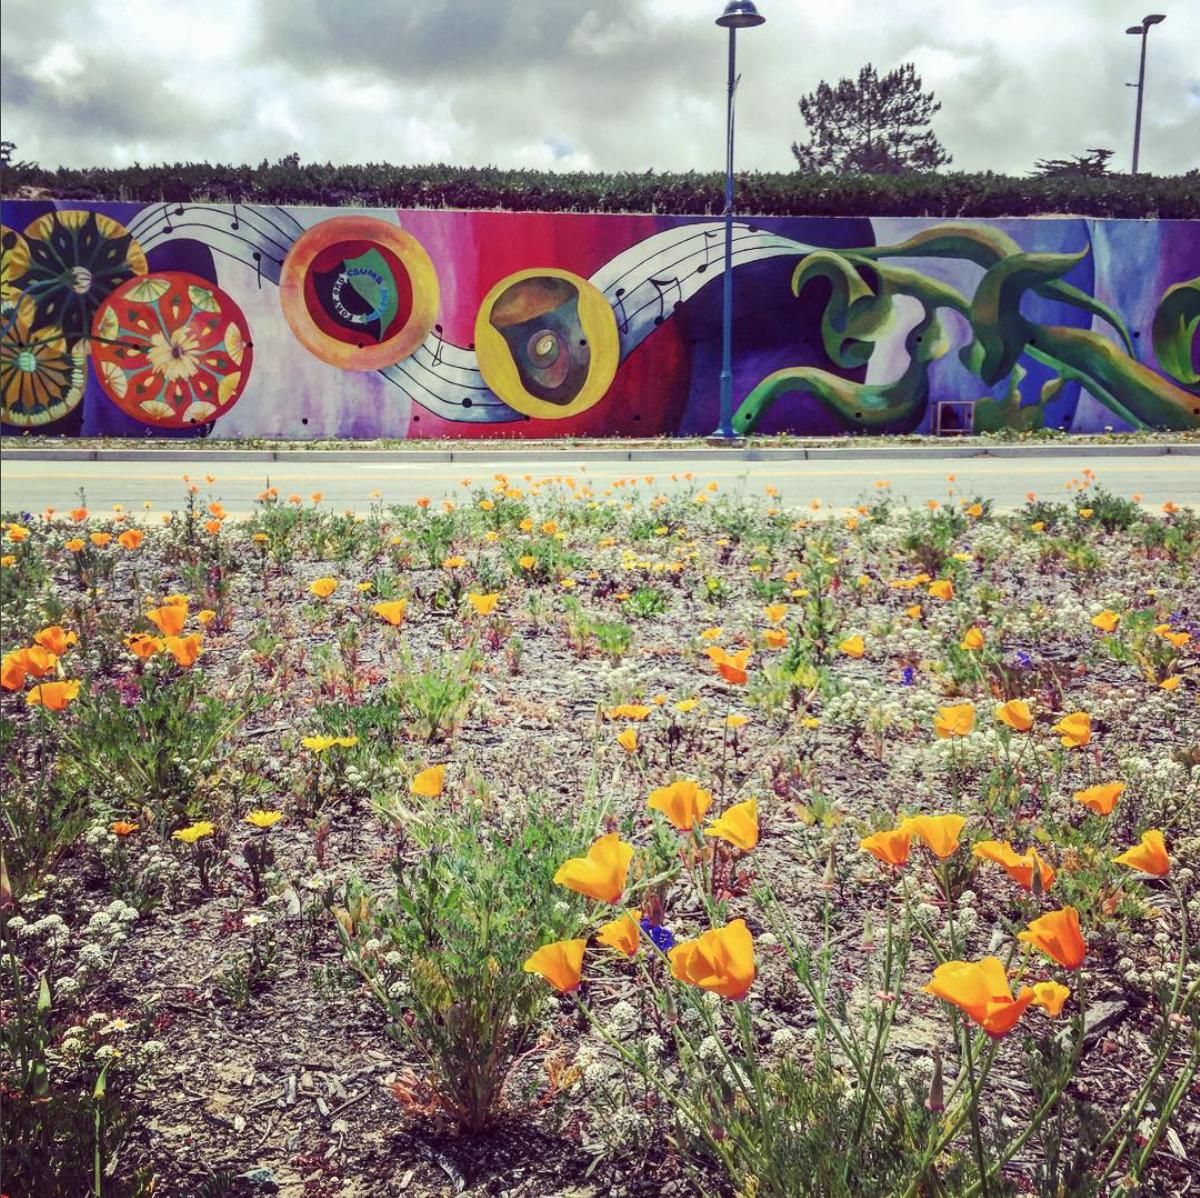 Vision Mural